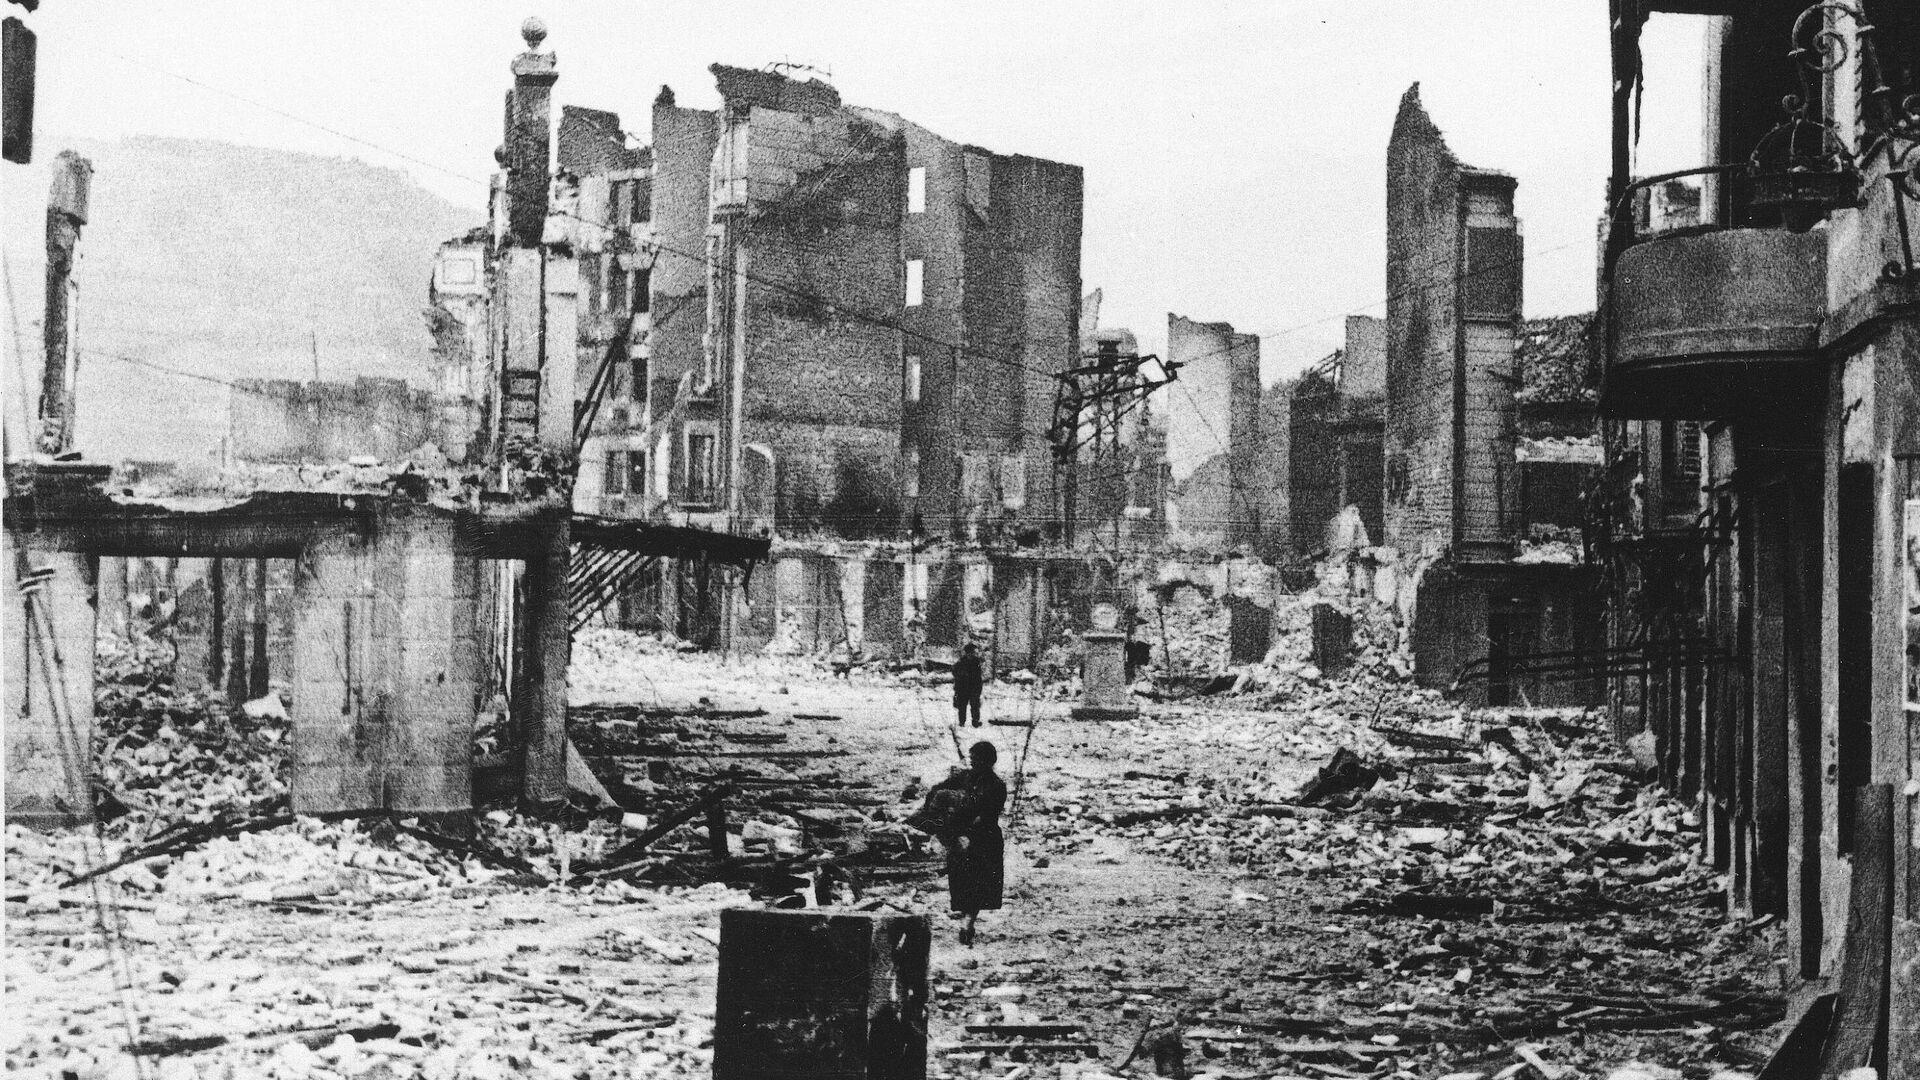 La ciudad de Guernica, tras el bombardeo - Sputnik Mundo, 1920, 26.04.2021